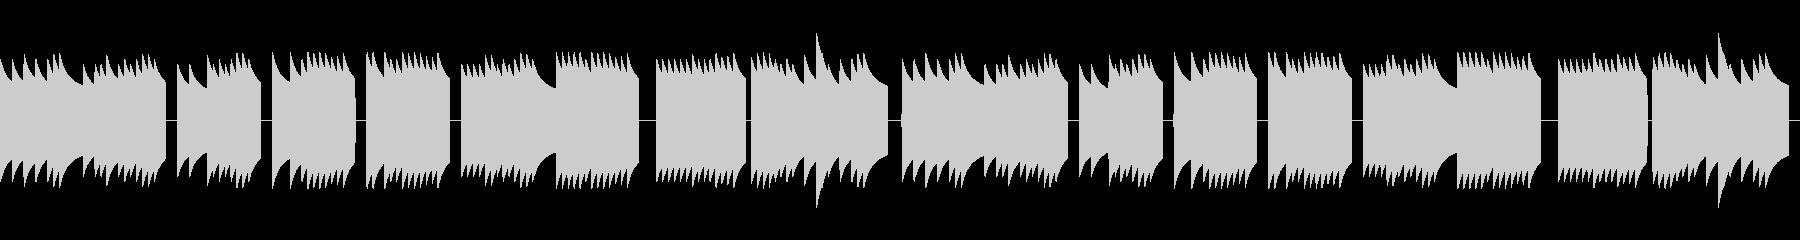 歩行者用信号機の音_とおりゃんせ_05の未再生の波形